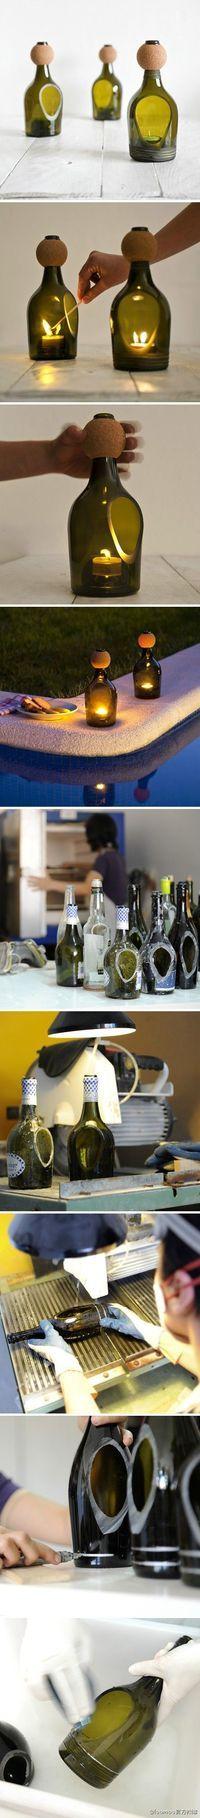 44 simples bricolaje botellas de vino artesanía y Ideas-HOMESTHETICS.NET (12)